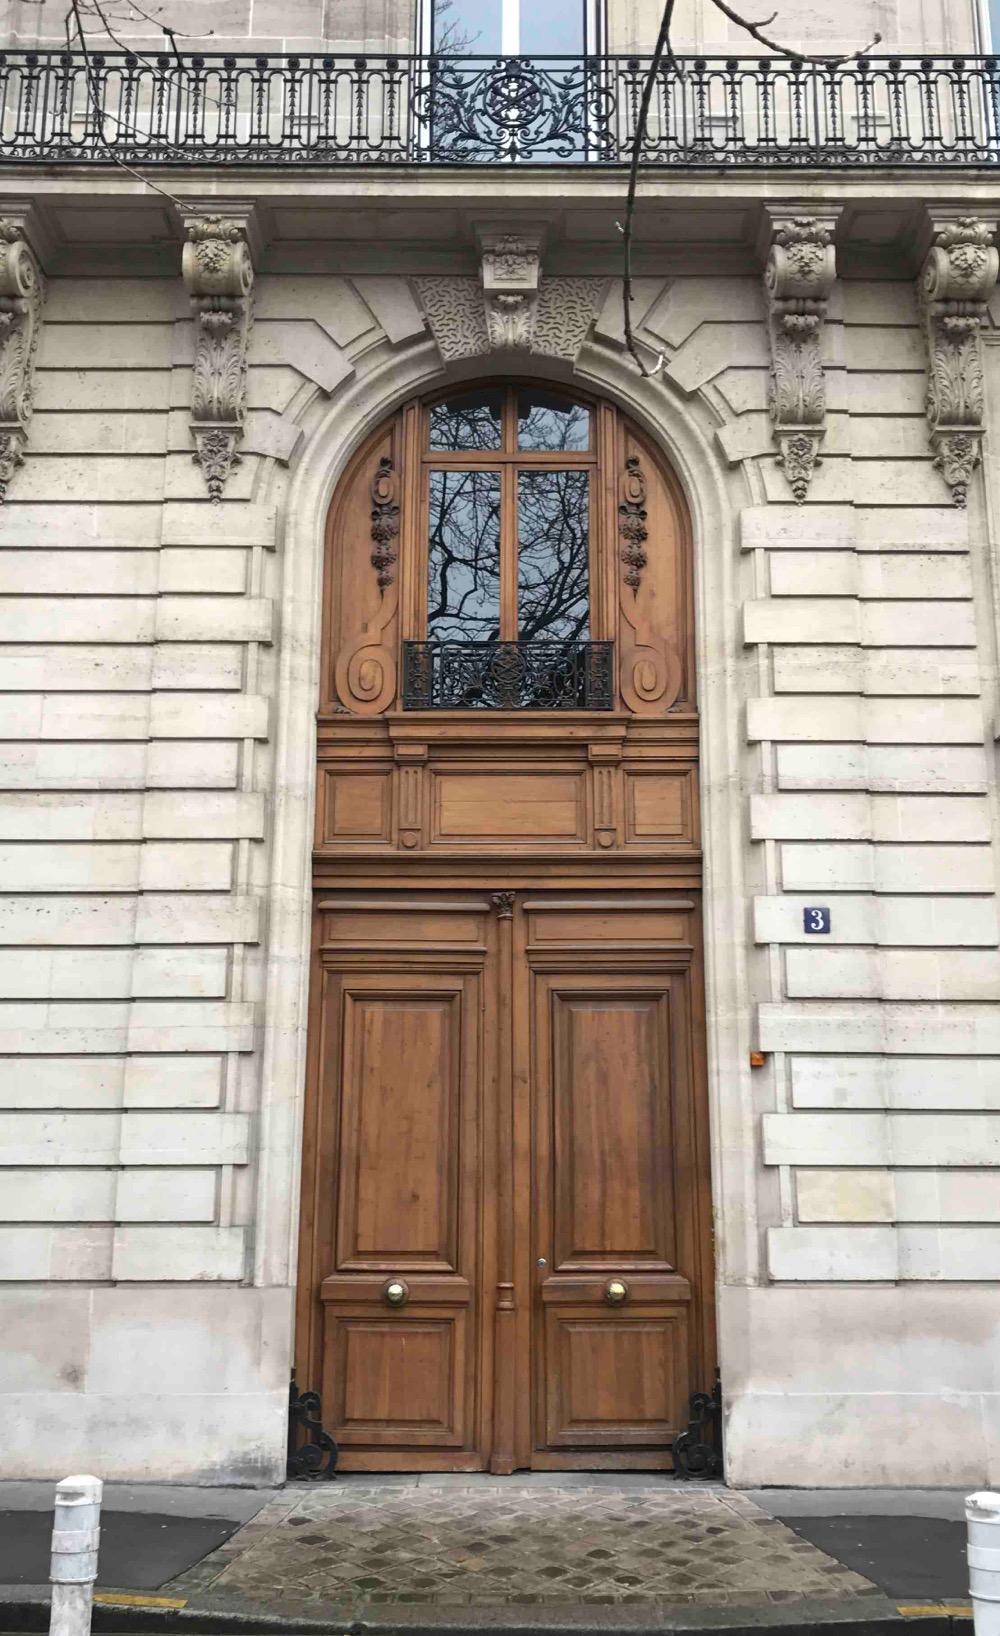 Porte coch re avec imposte 3 av de villiers paris 17 atelier de menuiserie - Fourriere porte pouchet paris 17 ...